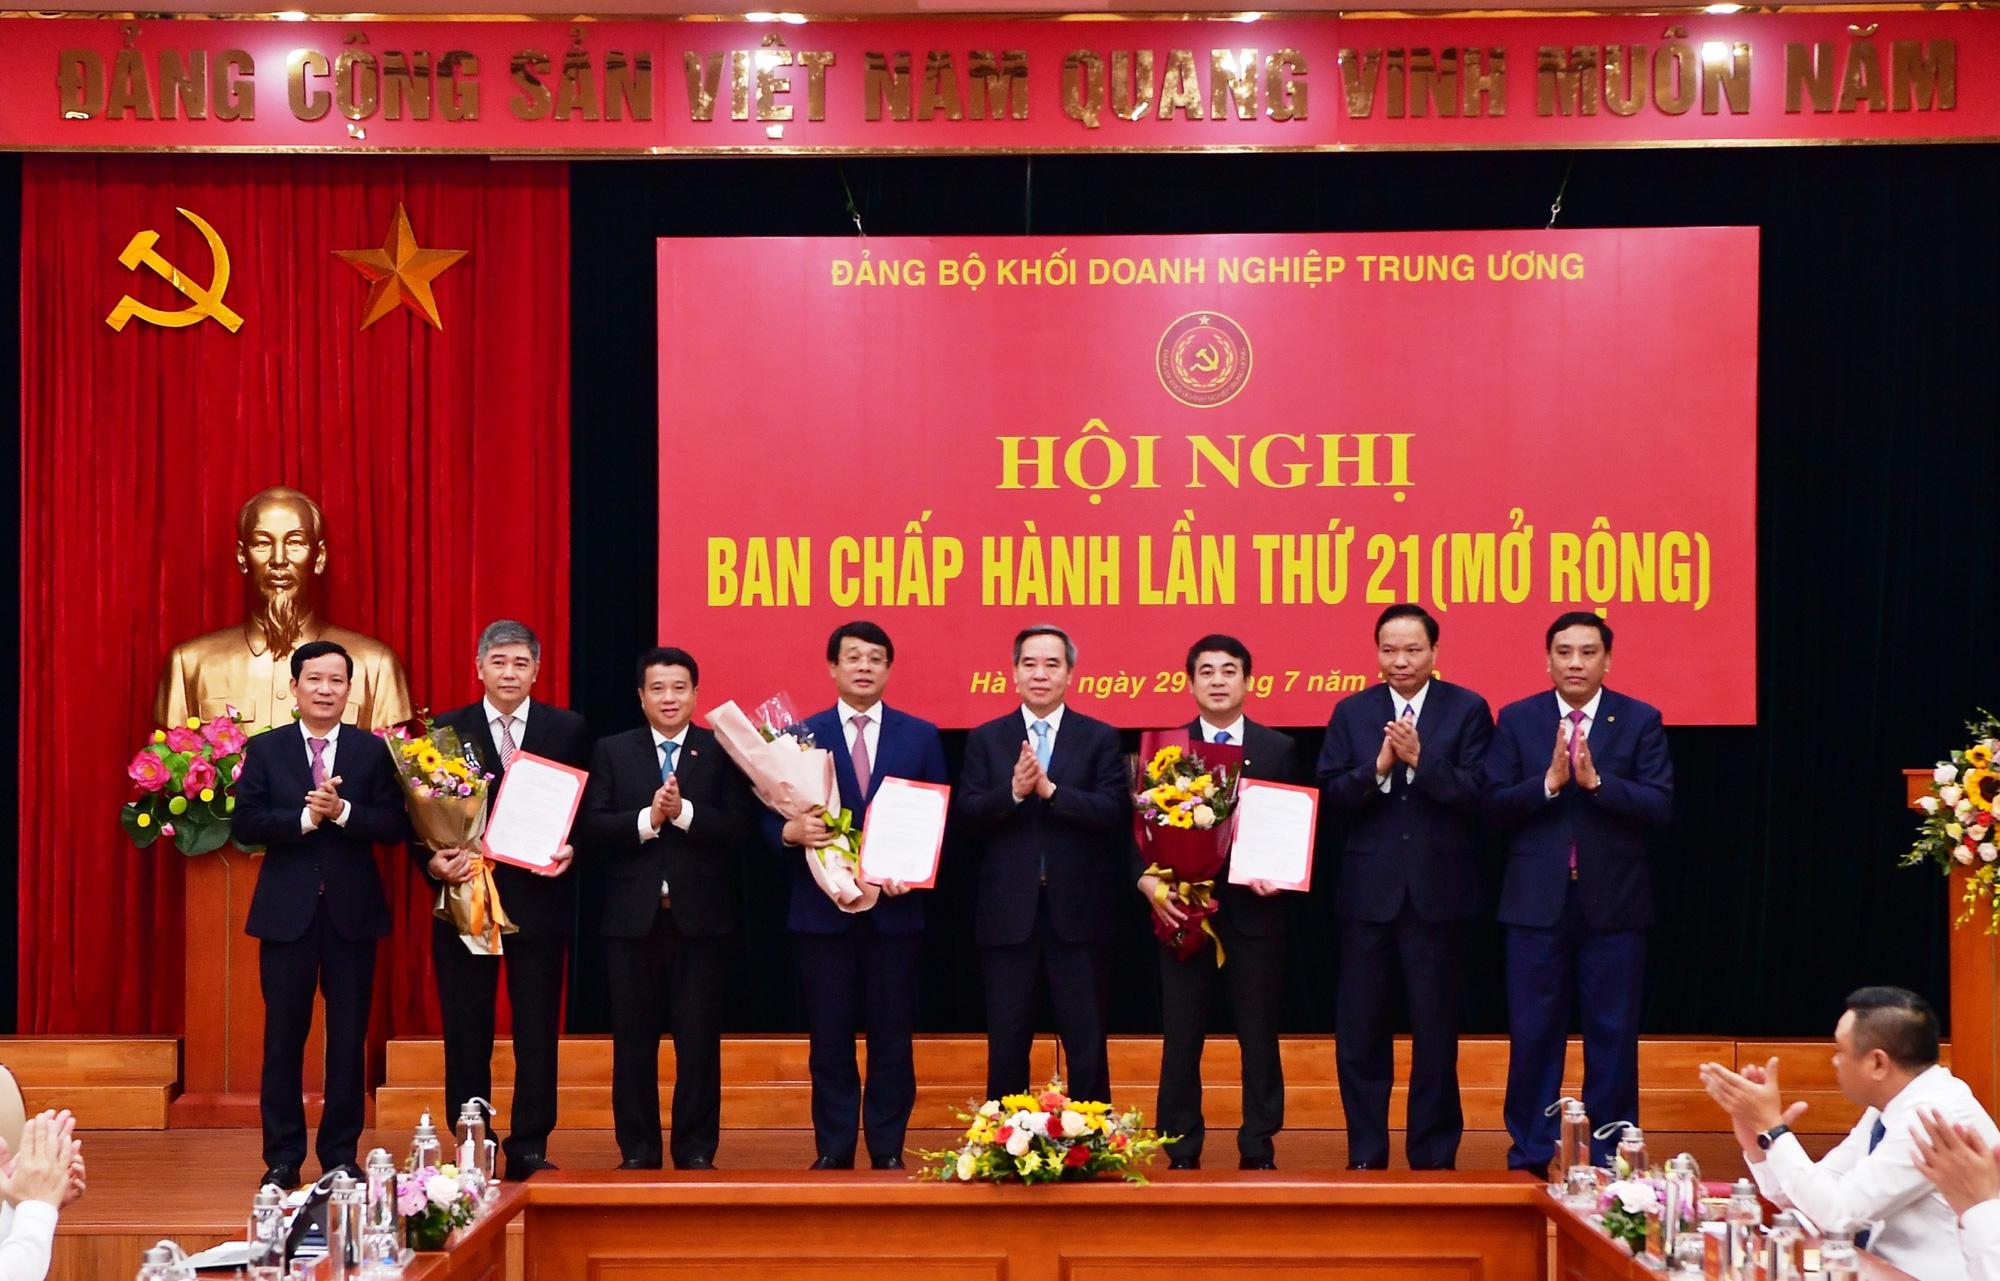 Chủ tịch HĐQT Vietcombank giữ chức Ủy viên Ban Thường vụ Đảng ủy Khối Doanh nghiệp Trung ương - Ảnh 2.